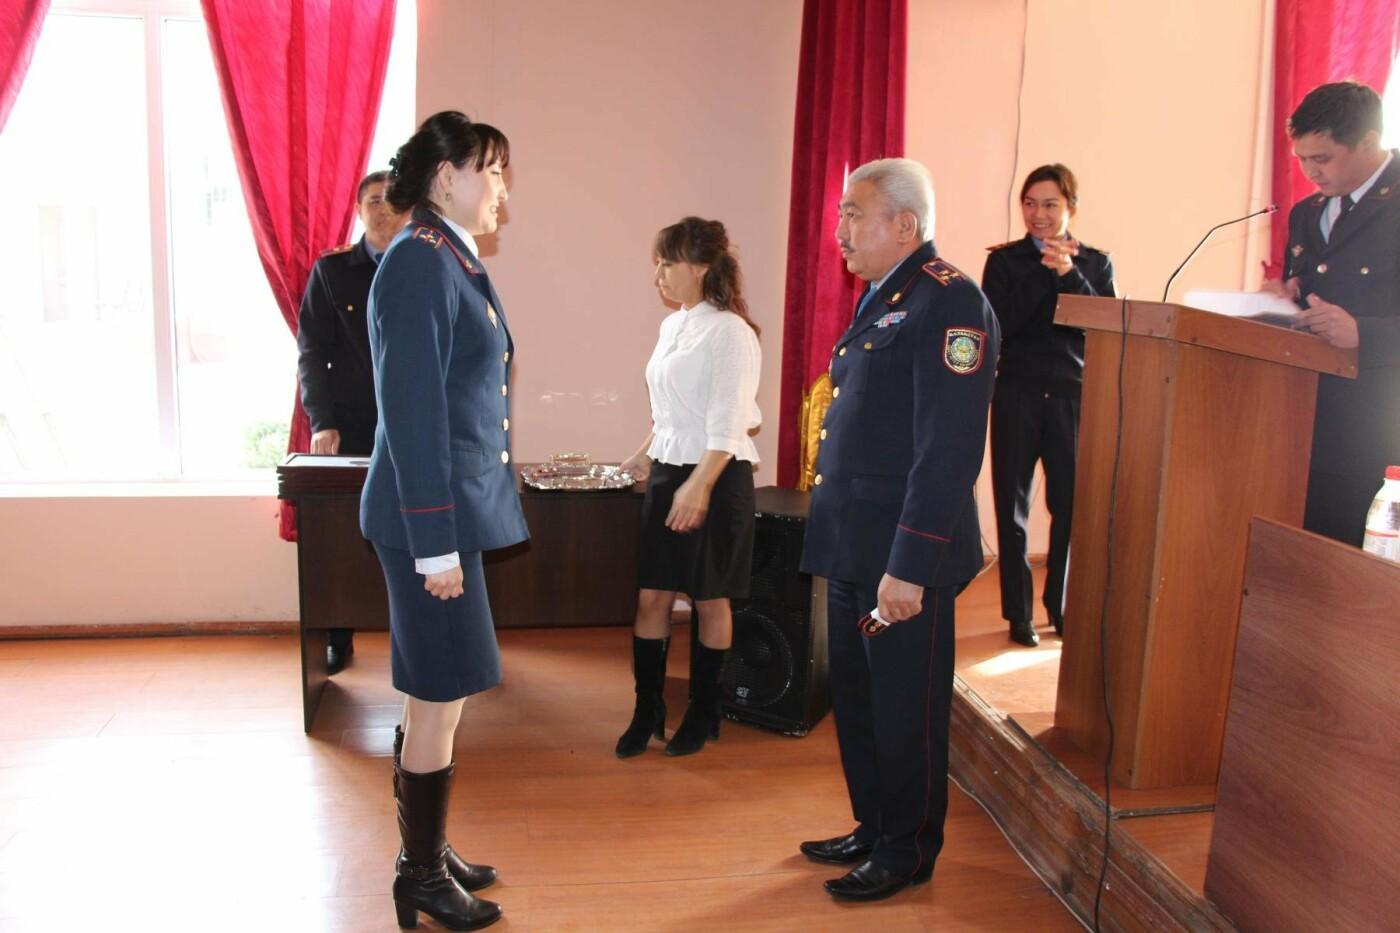 В талдыкорганском УВД торжественно отметили юбилейную дату следственных органов, фото-3